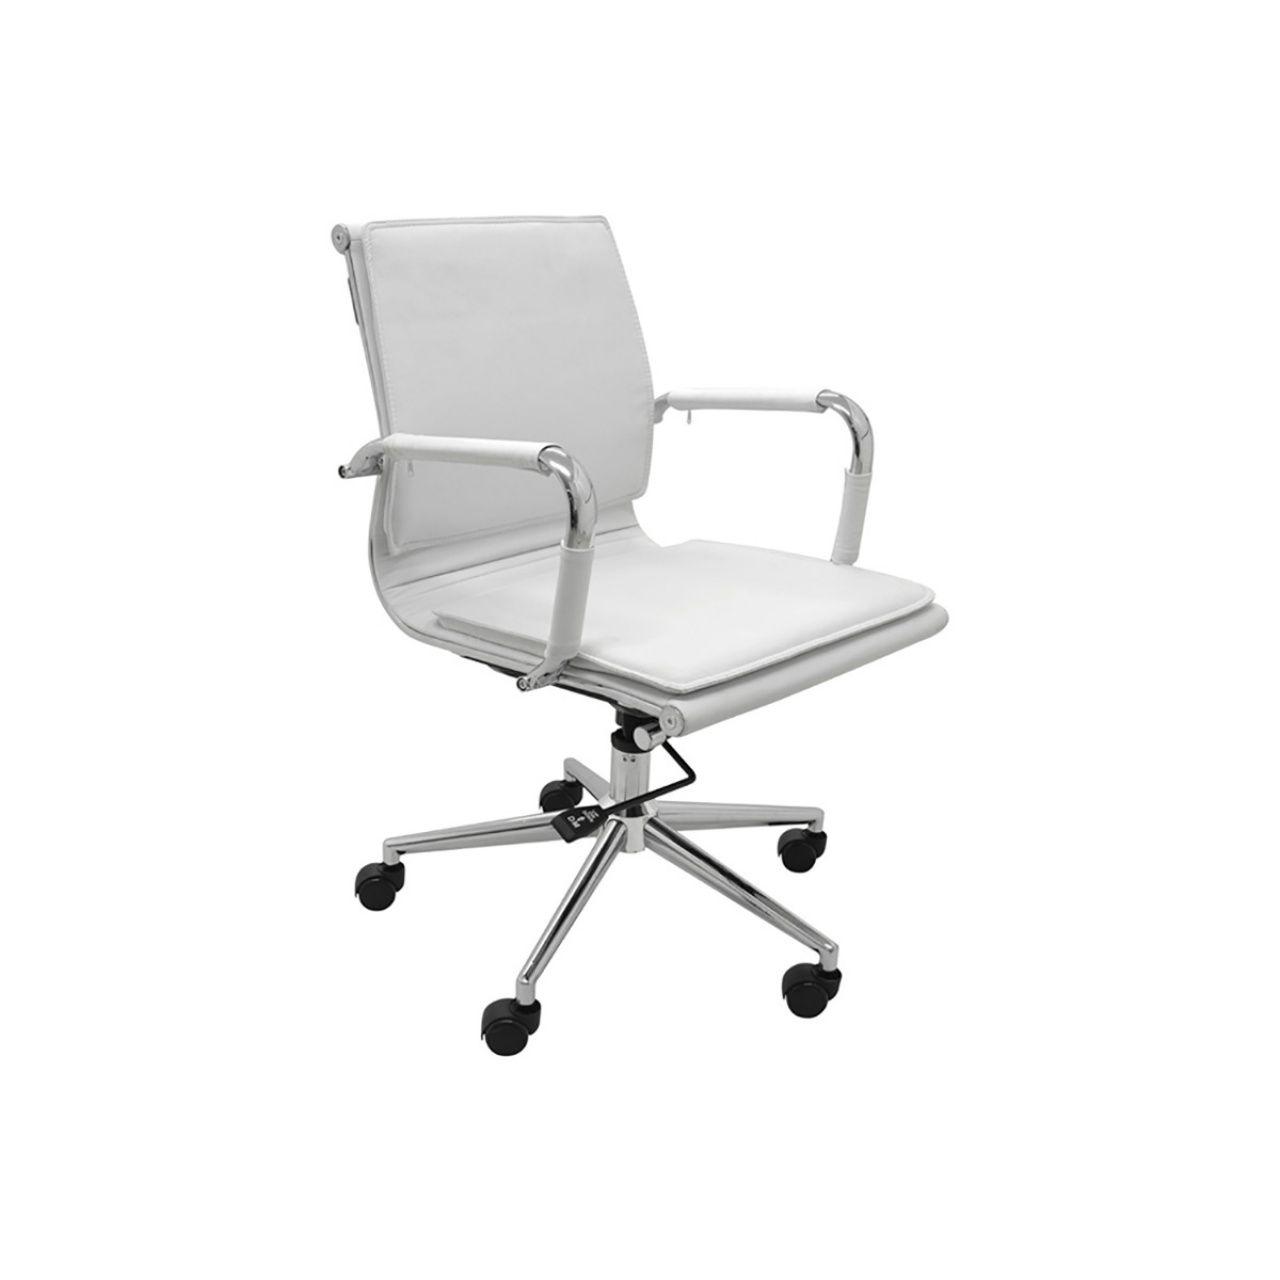 cadeira-de-escritorio-singapura-baixa